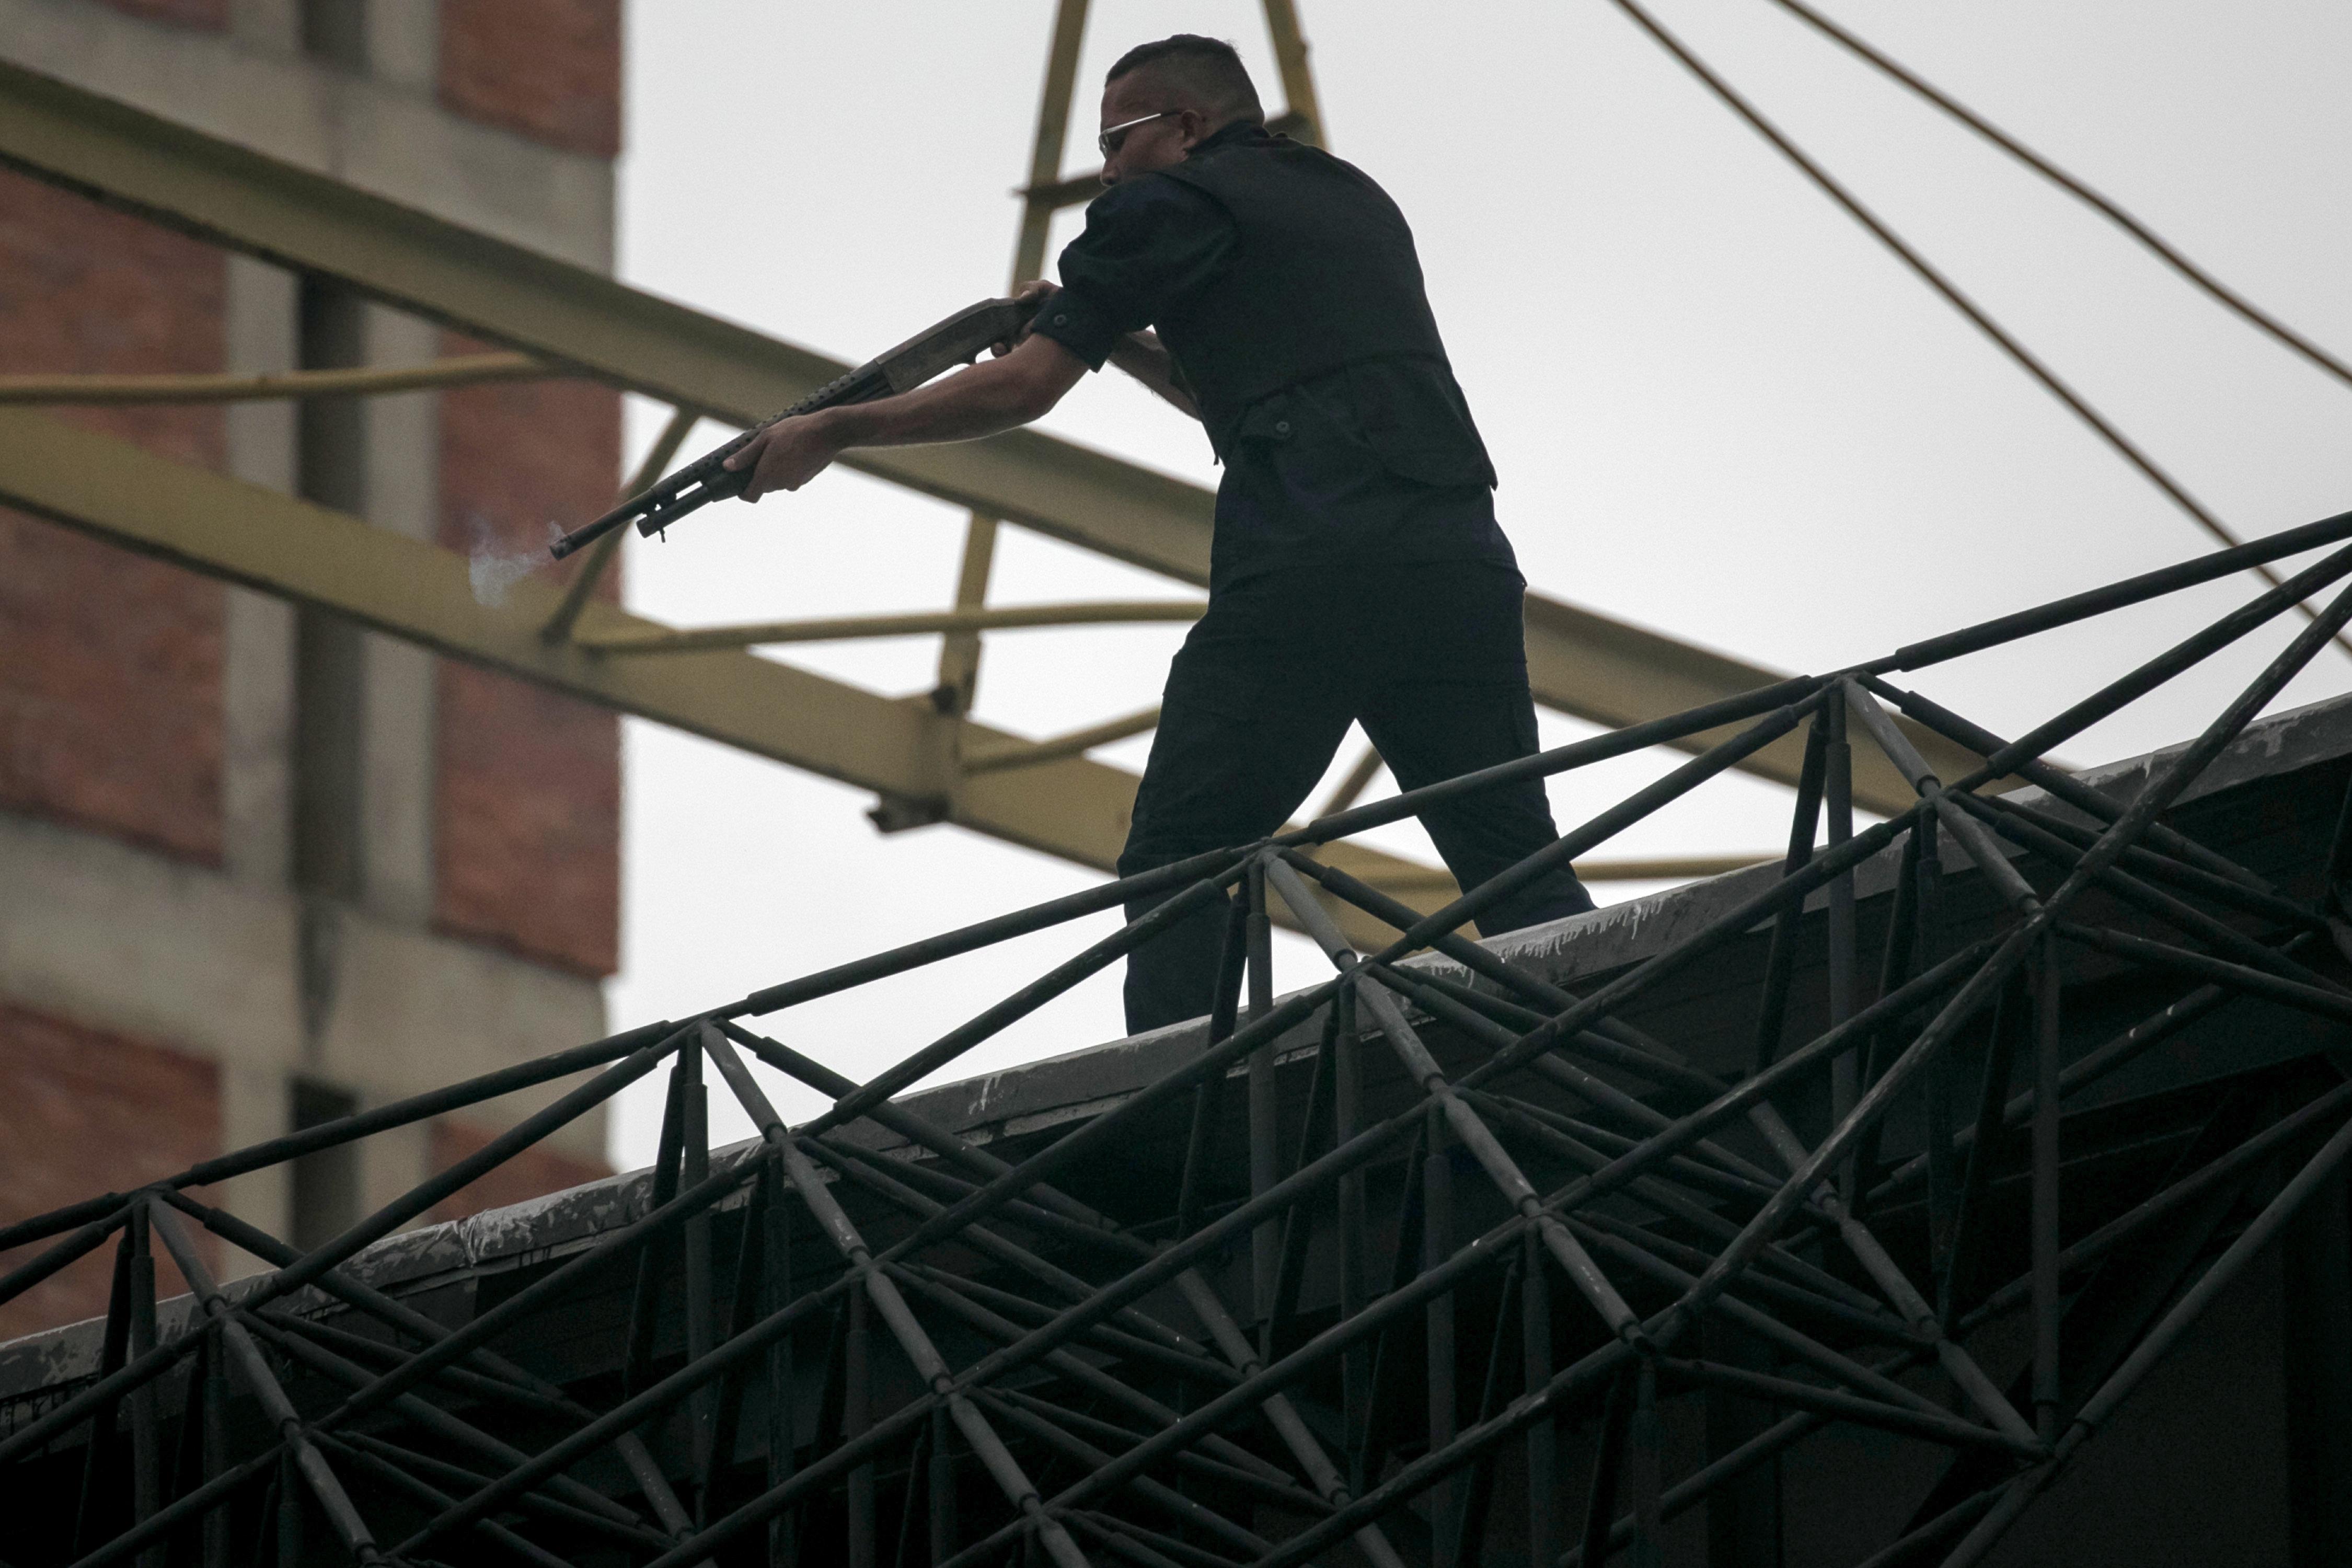 CAR023 CARACAS (VENEZUELA), 07/06/2017.- Un hombre armado permanece en un techo durante una manifestación opositora hoy, miércoles 7 de junio de 2017, en Caracas (Venezuela). Agentes de la fuerza pública venezolana dispersaron hoy con gases lacrimógenos varias de las manifestaciones convocadas en el país por la oposición hacia las sedes del Poder Electoral para protestar por el eventual cambio de Constitución que impulsa el Gobierno. EFE/MIGUEL GUTIÉRREZ